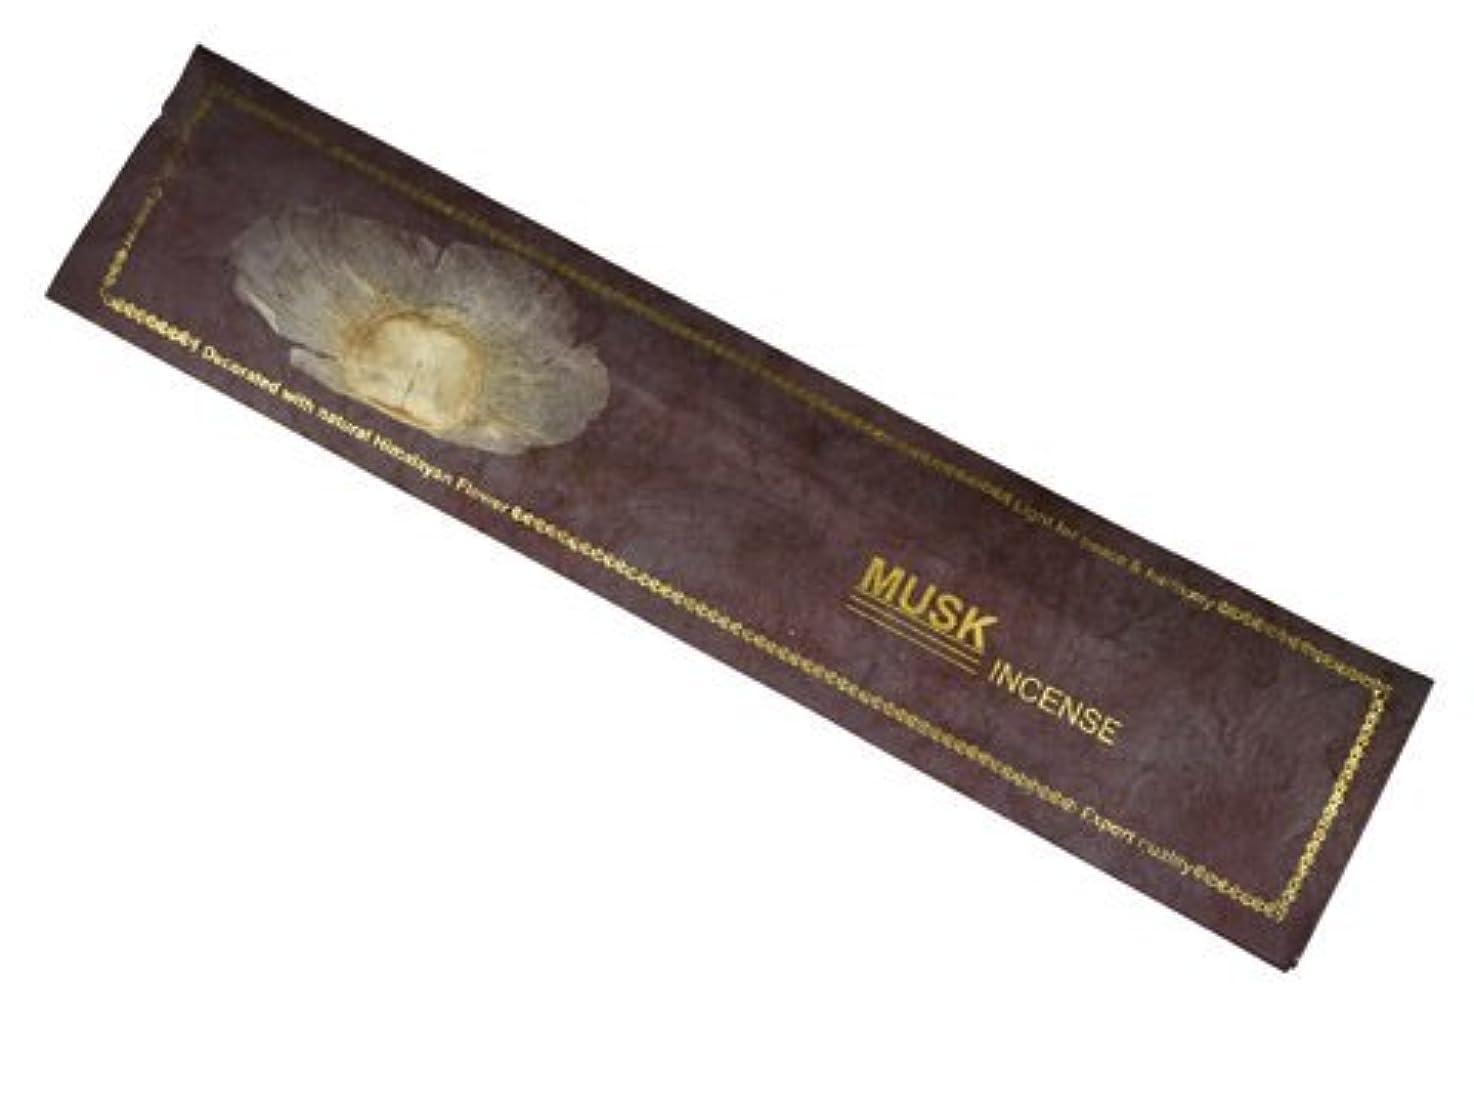 達成するマーチャンダイジング植木NEPAL INCENSE ネパールのロクタ紙にヒマラヤの押し花のお香【MUSKムスク】 スティック